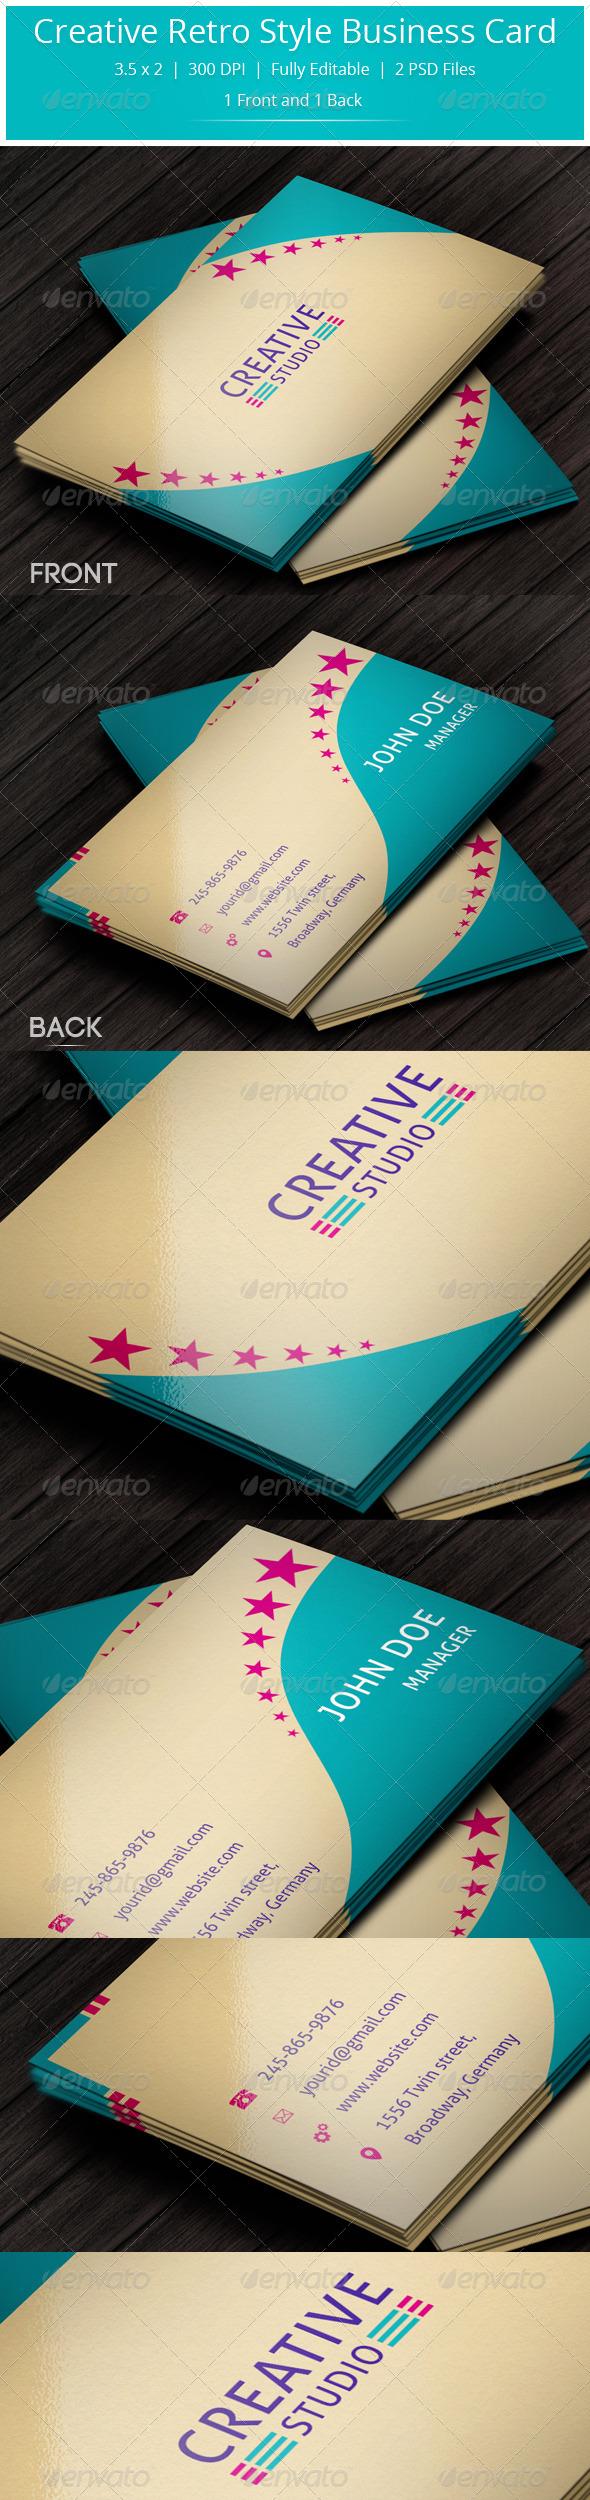 GraphicRiver Creative Retro Style Business Card 5729550